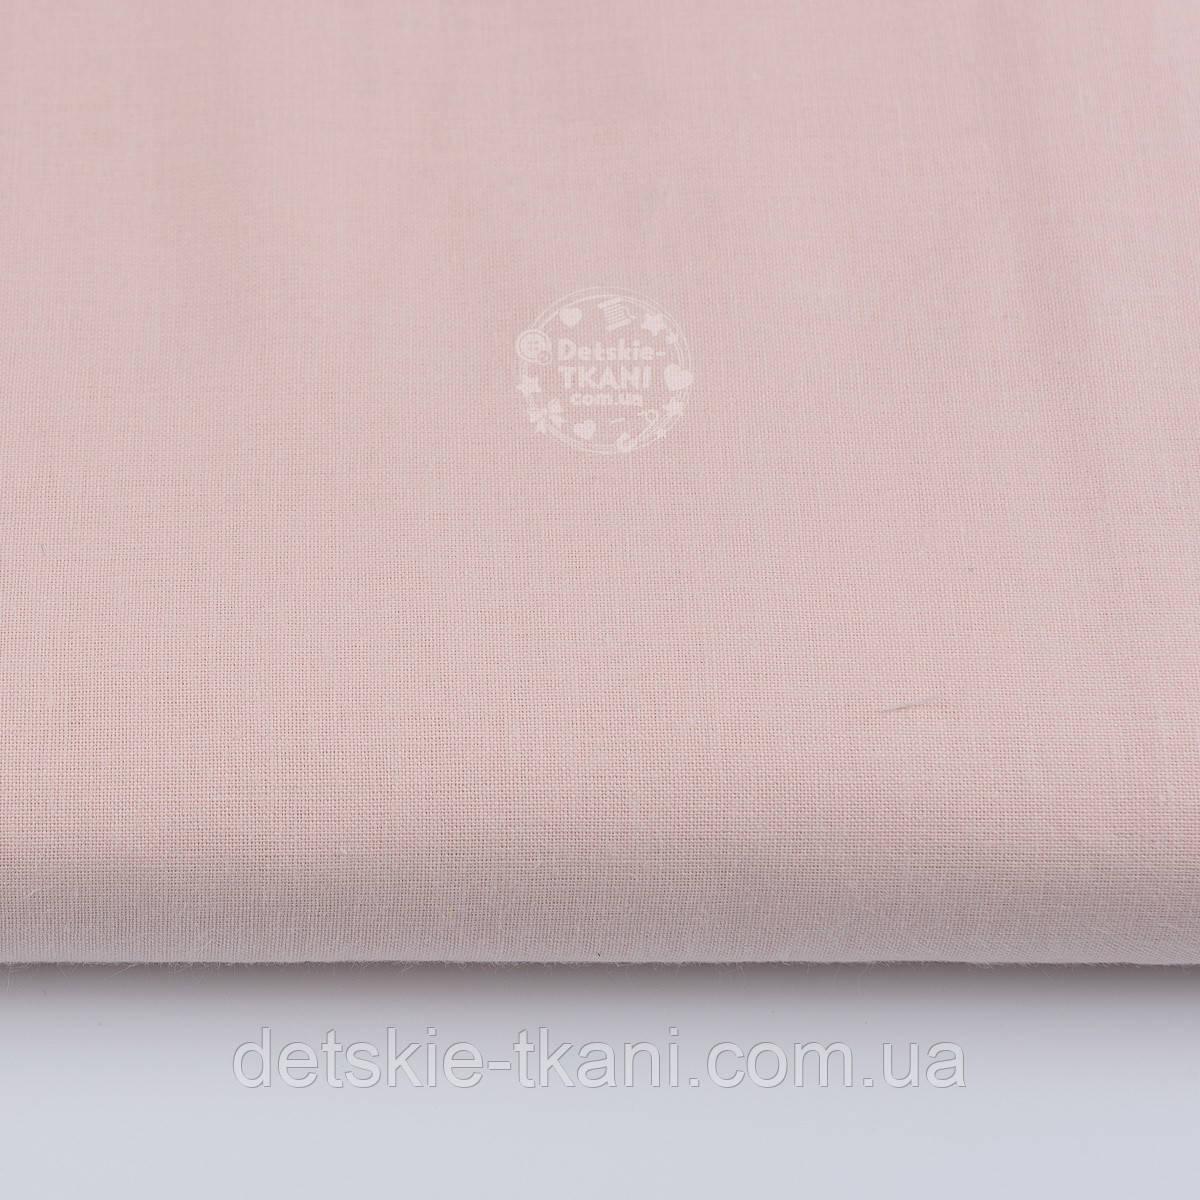 Однотонная польская бязь, цвет бежевой пудры (№290а).